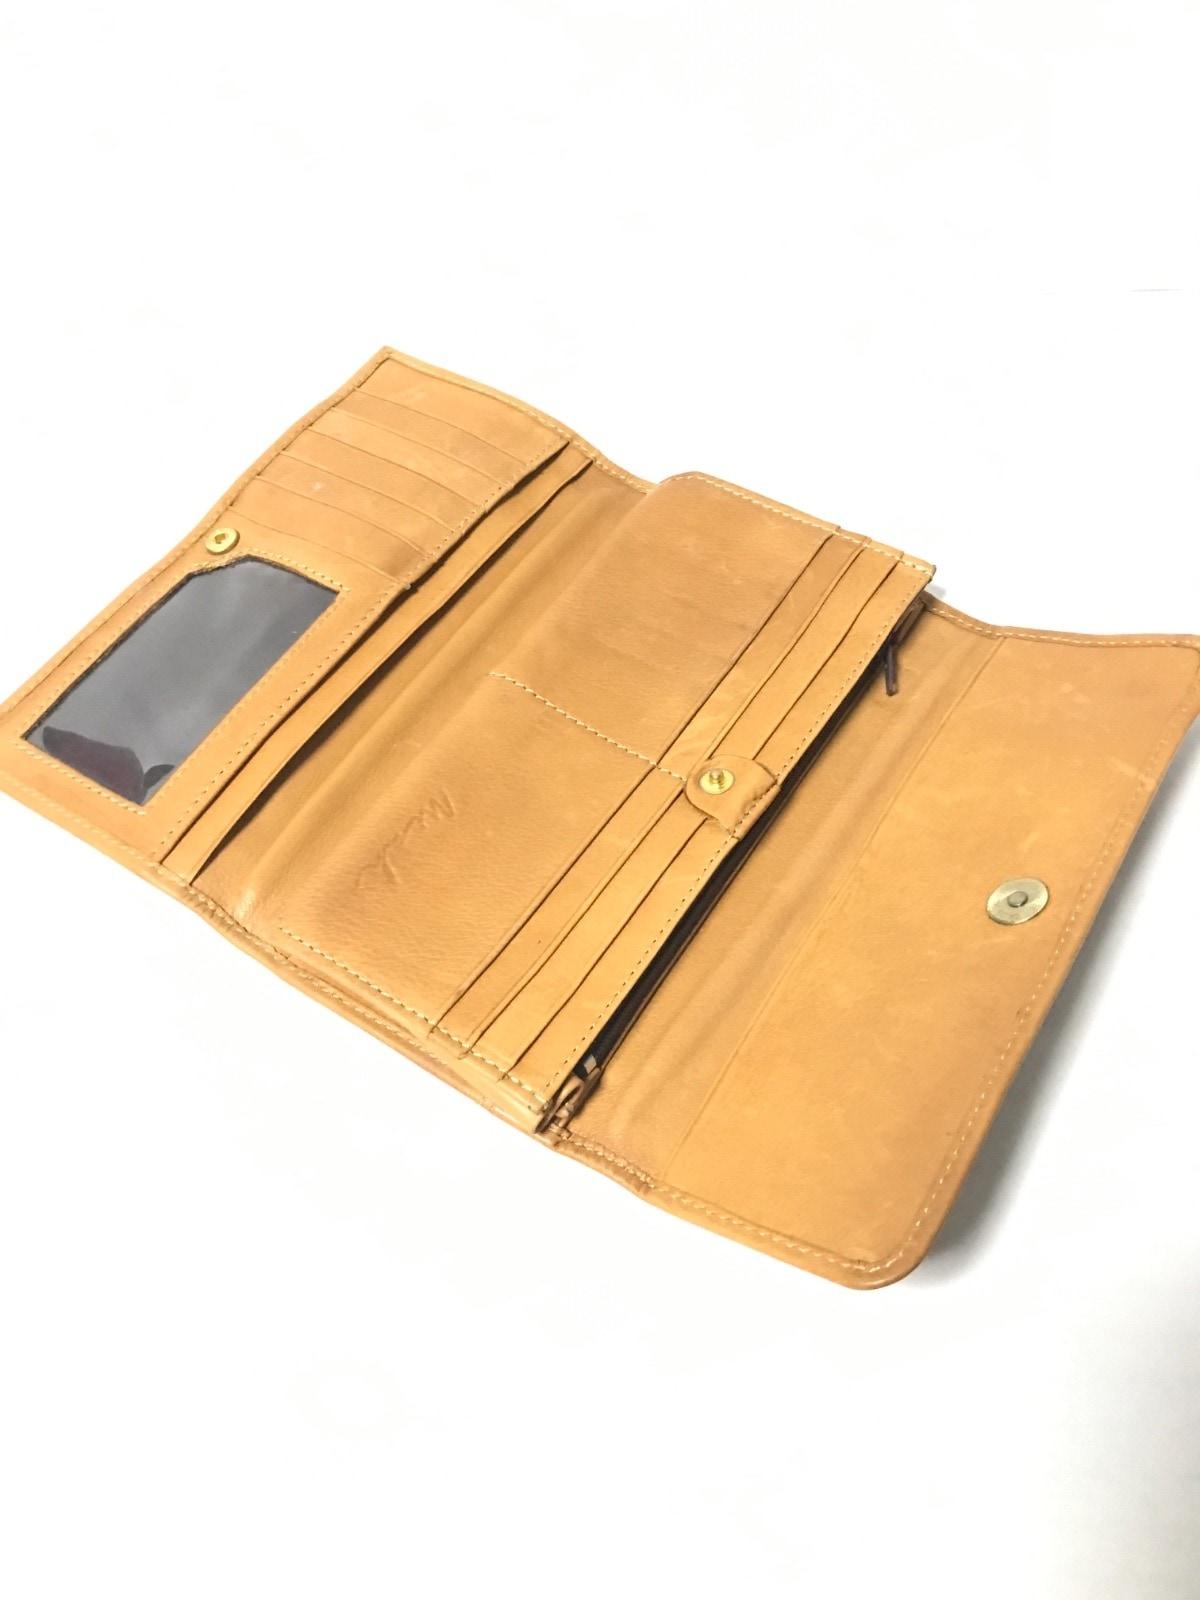 MIAH(ミア)の長財布